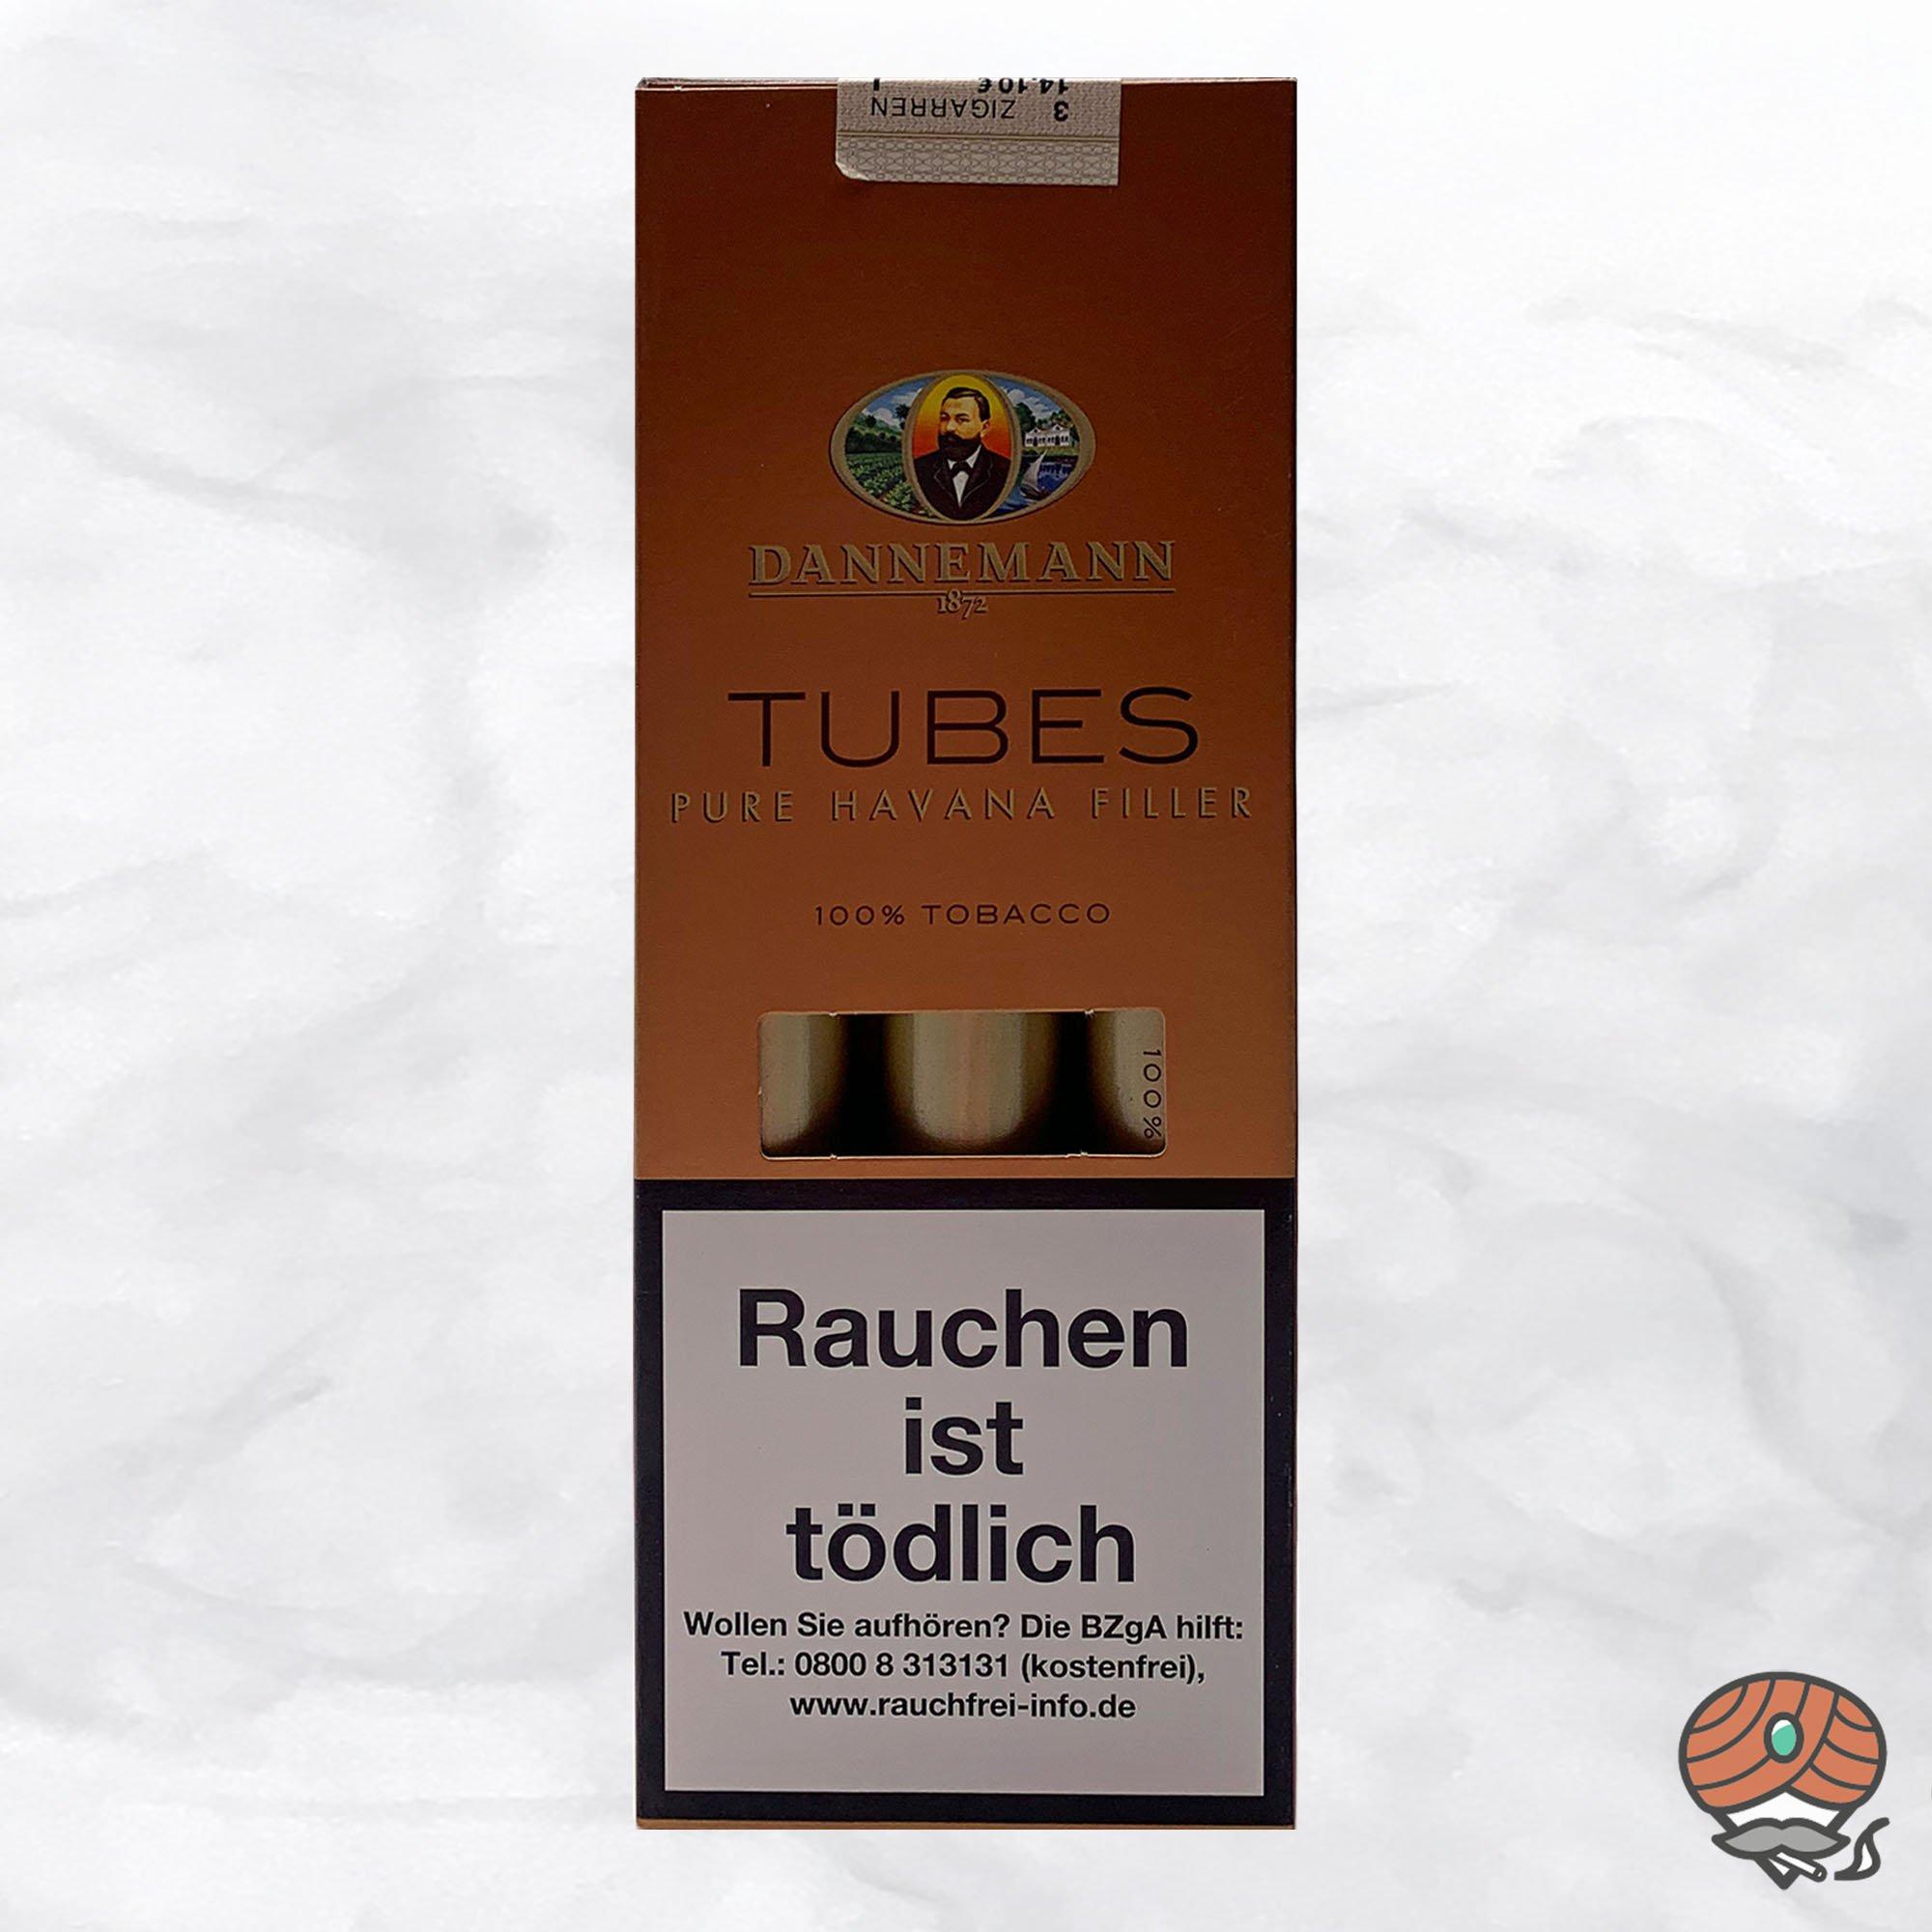 Dannemann Tubes Pure Havanna Zigarren